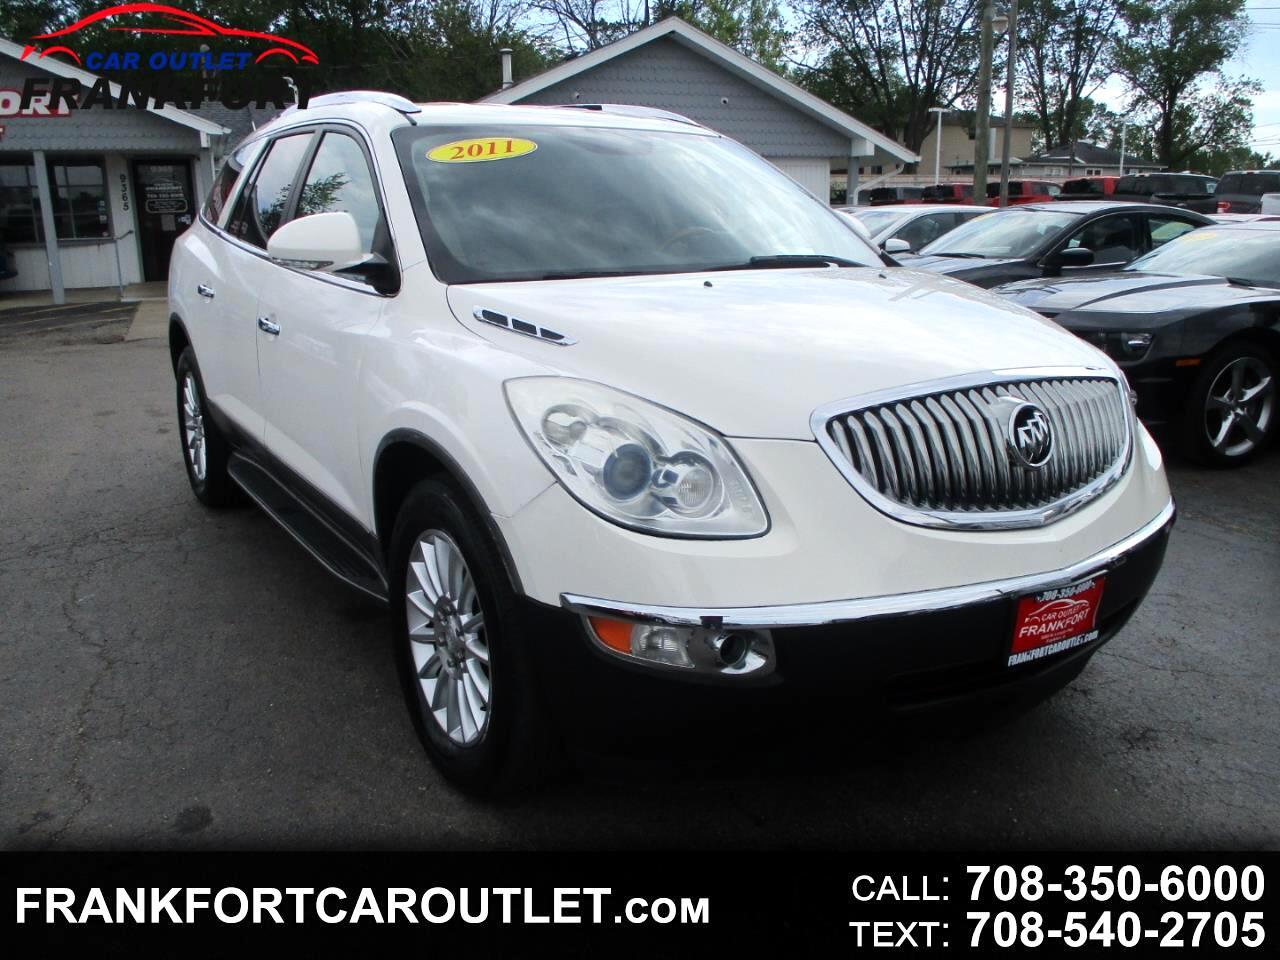 Buick Enclave FWD 4dr CXL-1 2011